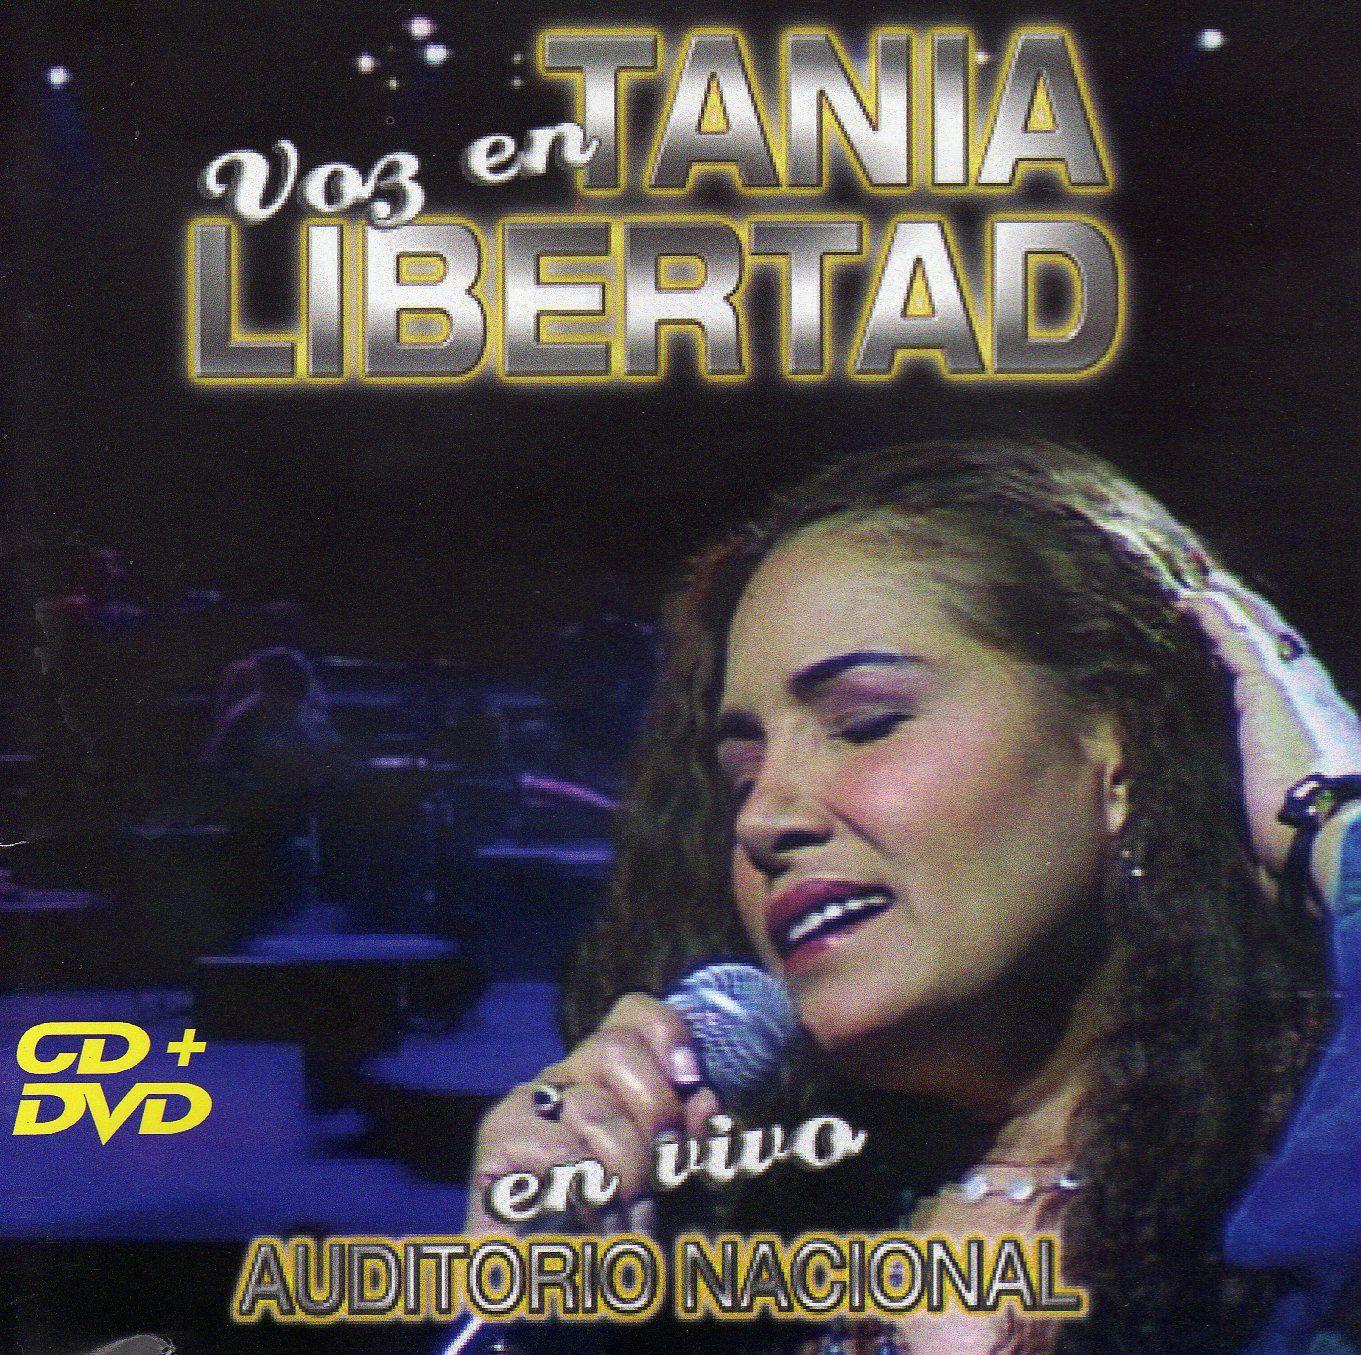 Desde que llegó a nuestro país en 1976 la cantante peruana, hoy naturalizada mexicana, Tania Libertad, ha interpretado una gran variedad de géneros como baladas, boleros, canciones de protesta, nueva trova; musicalizaciones de poemas de Benedetti, Neruda; arias de ópera, salsa, rancheras, música brasileña y latinoamericana en general. En 2005 grabó su presentación en el auditorio nacional con una muestra de su variado repertorio donde lo único espectacular es su voz…